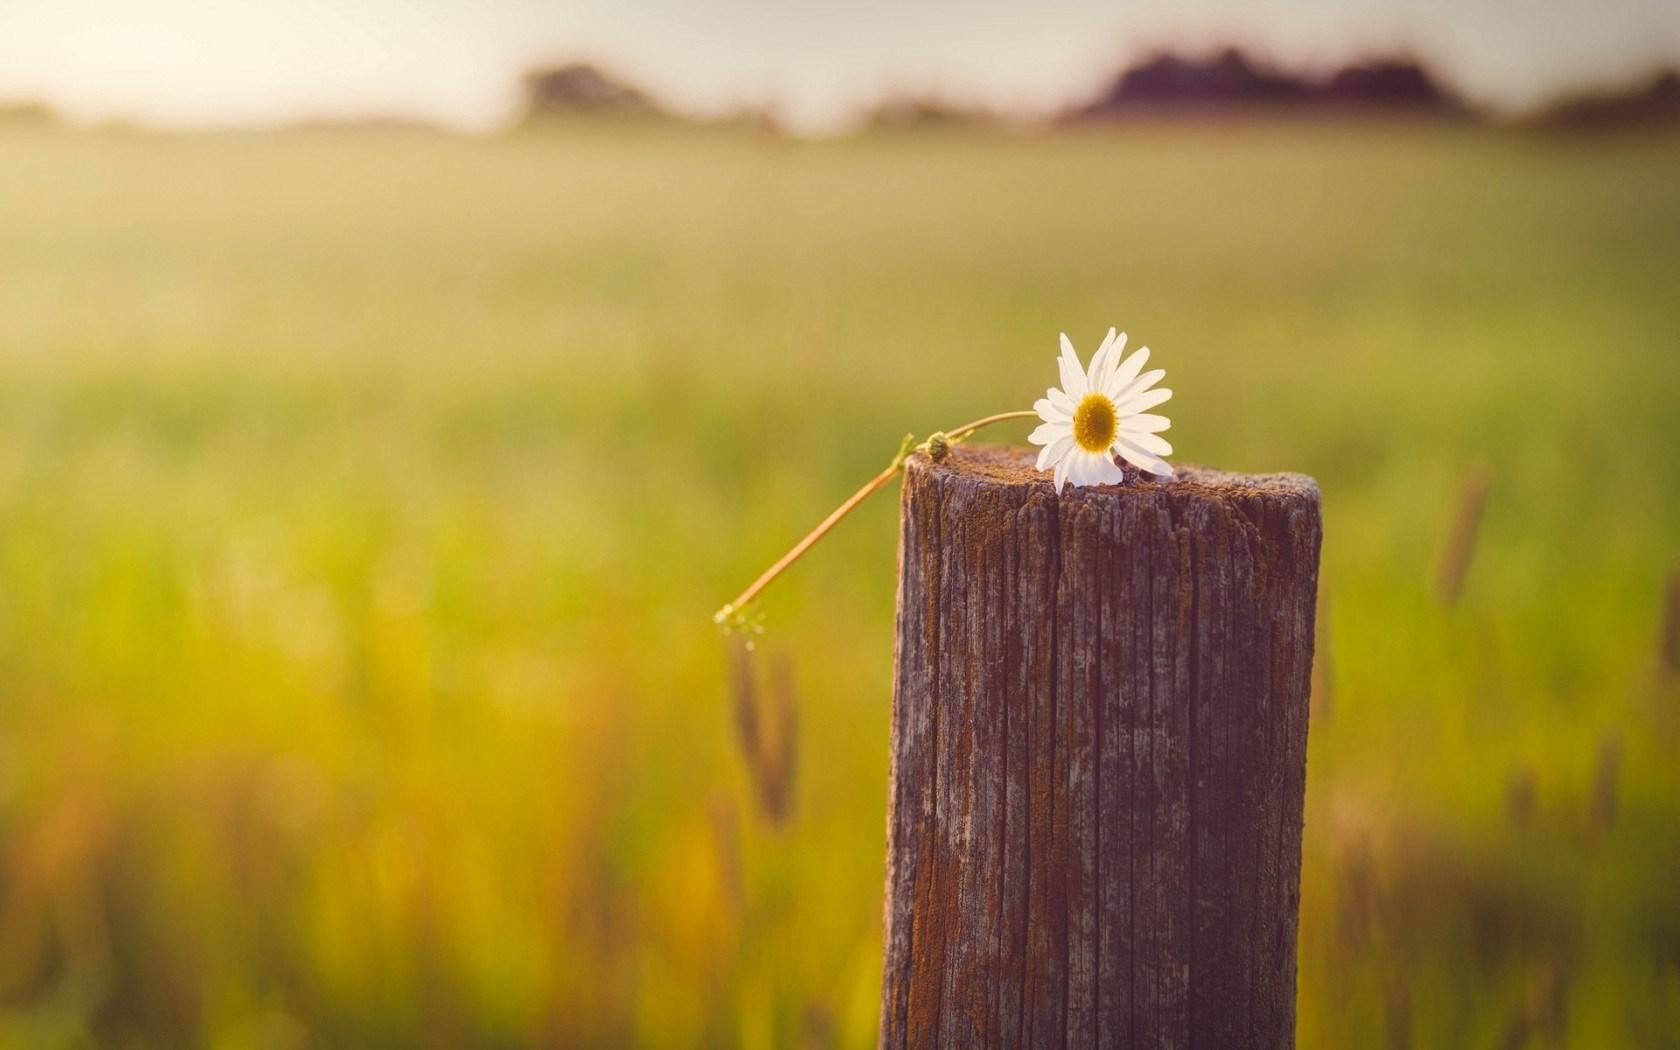 daisy image 1080p